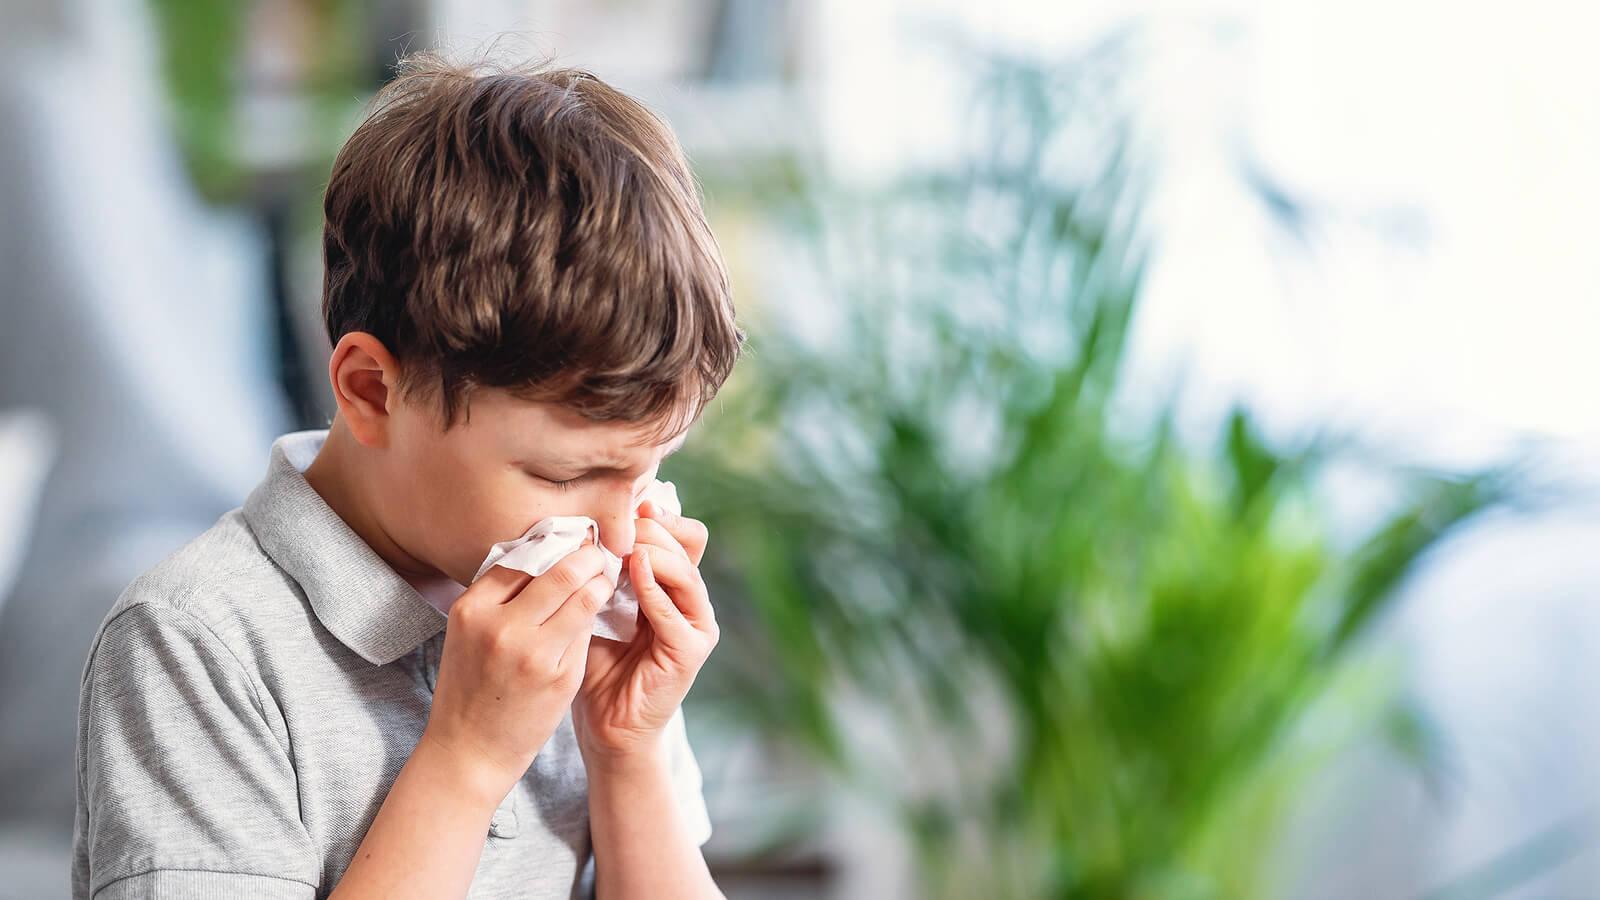 Las enfermedades más contagiosas incluyen el resfriado